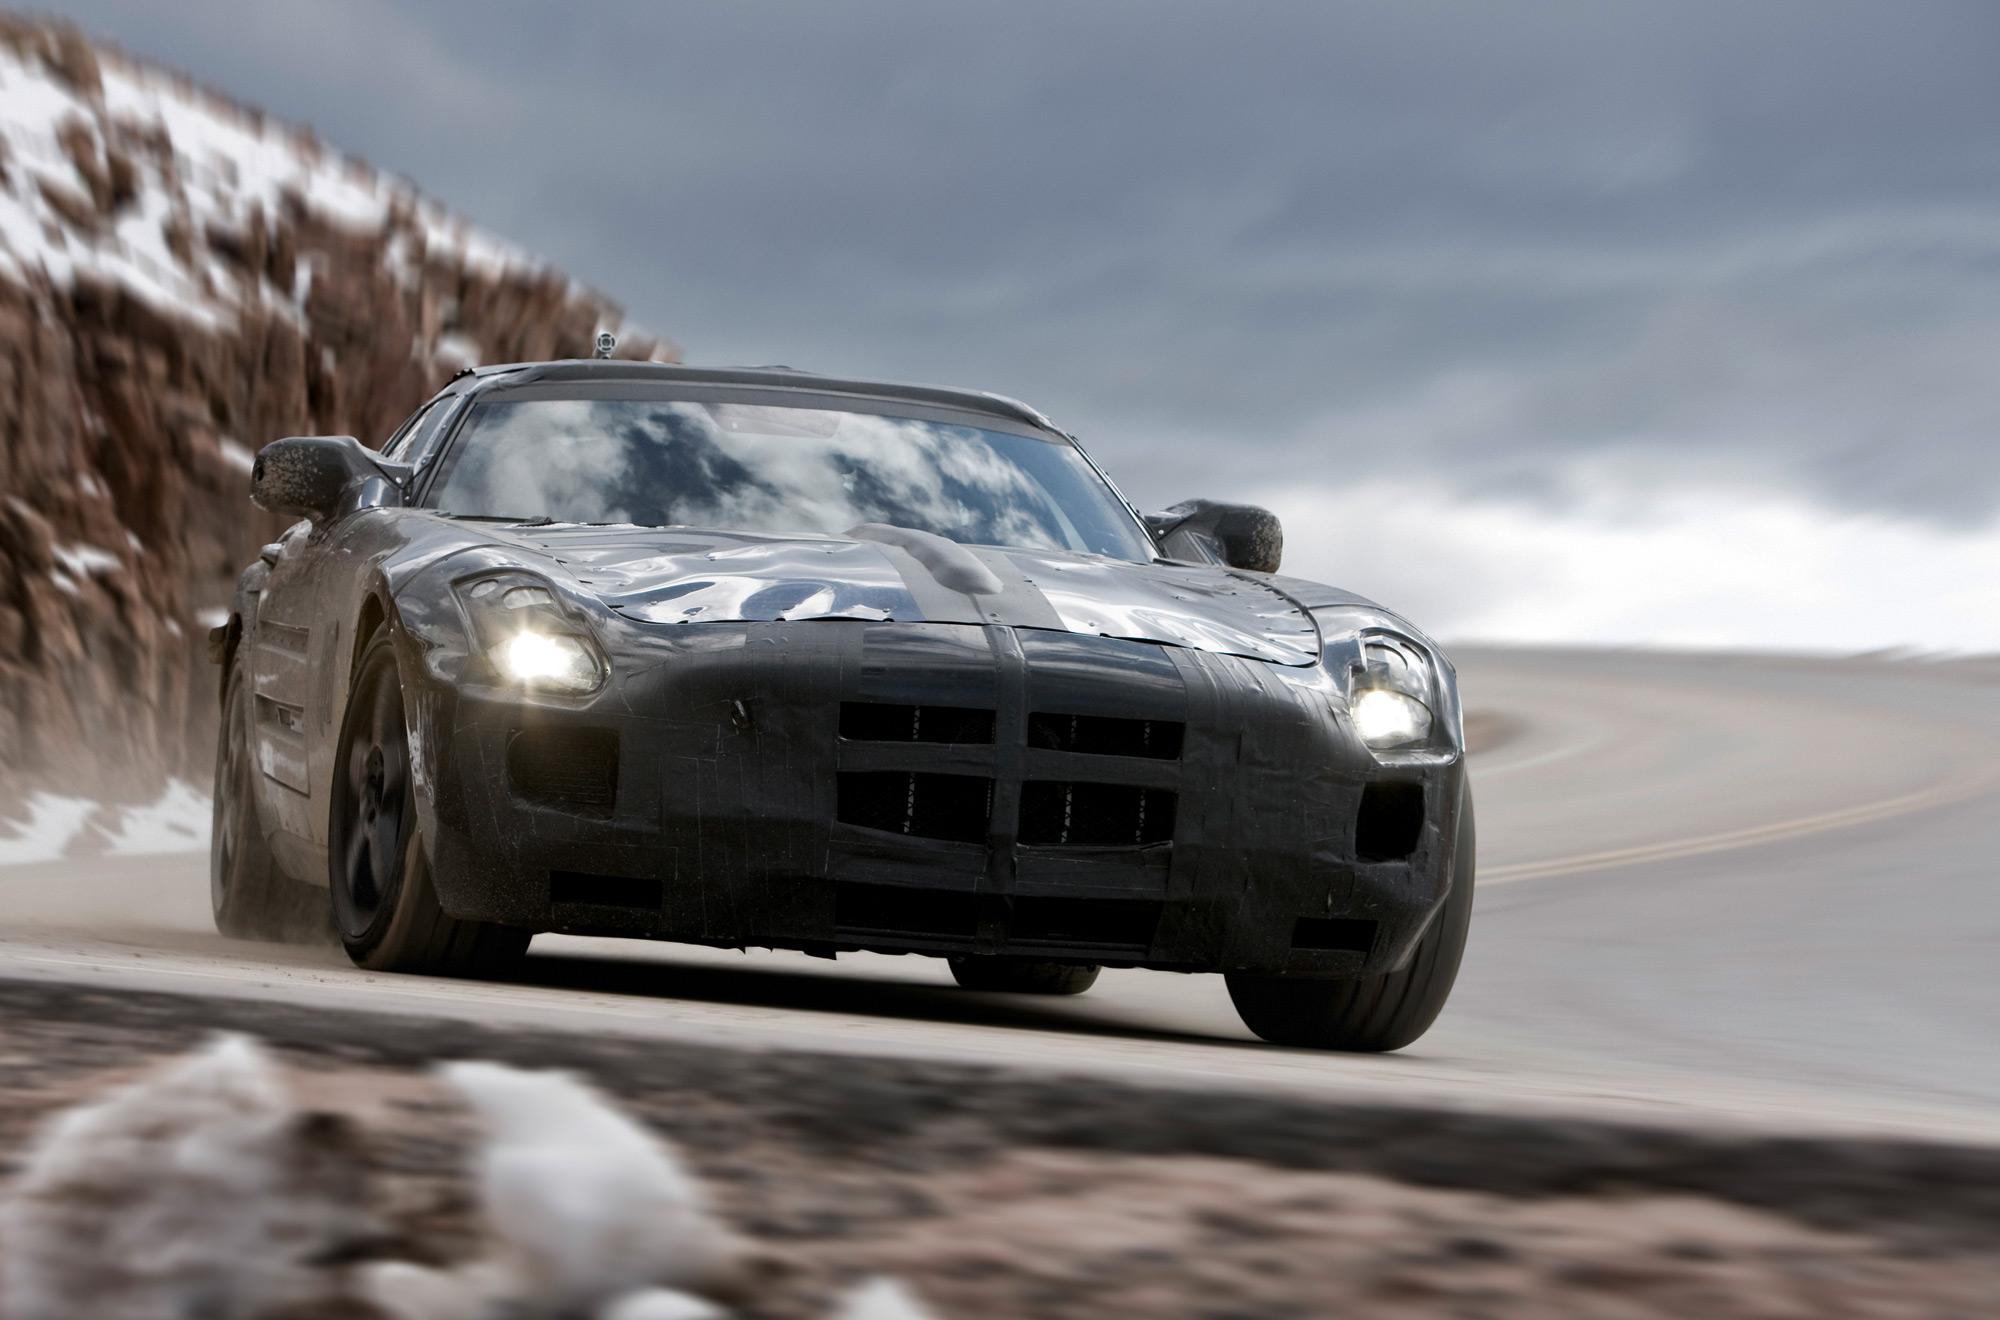 2010 mercedes benz sls amg gullwing for Mercedes benz amg gullwing